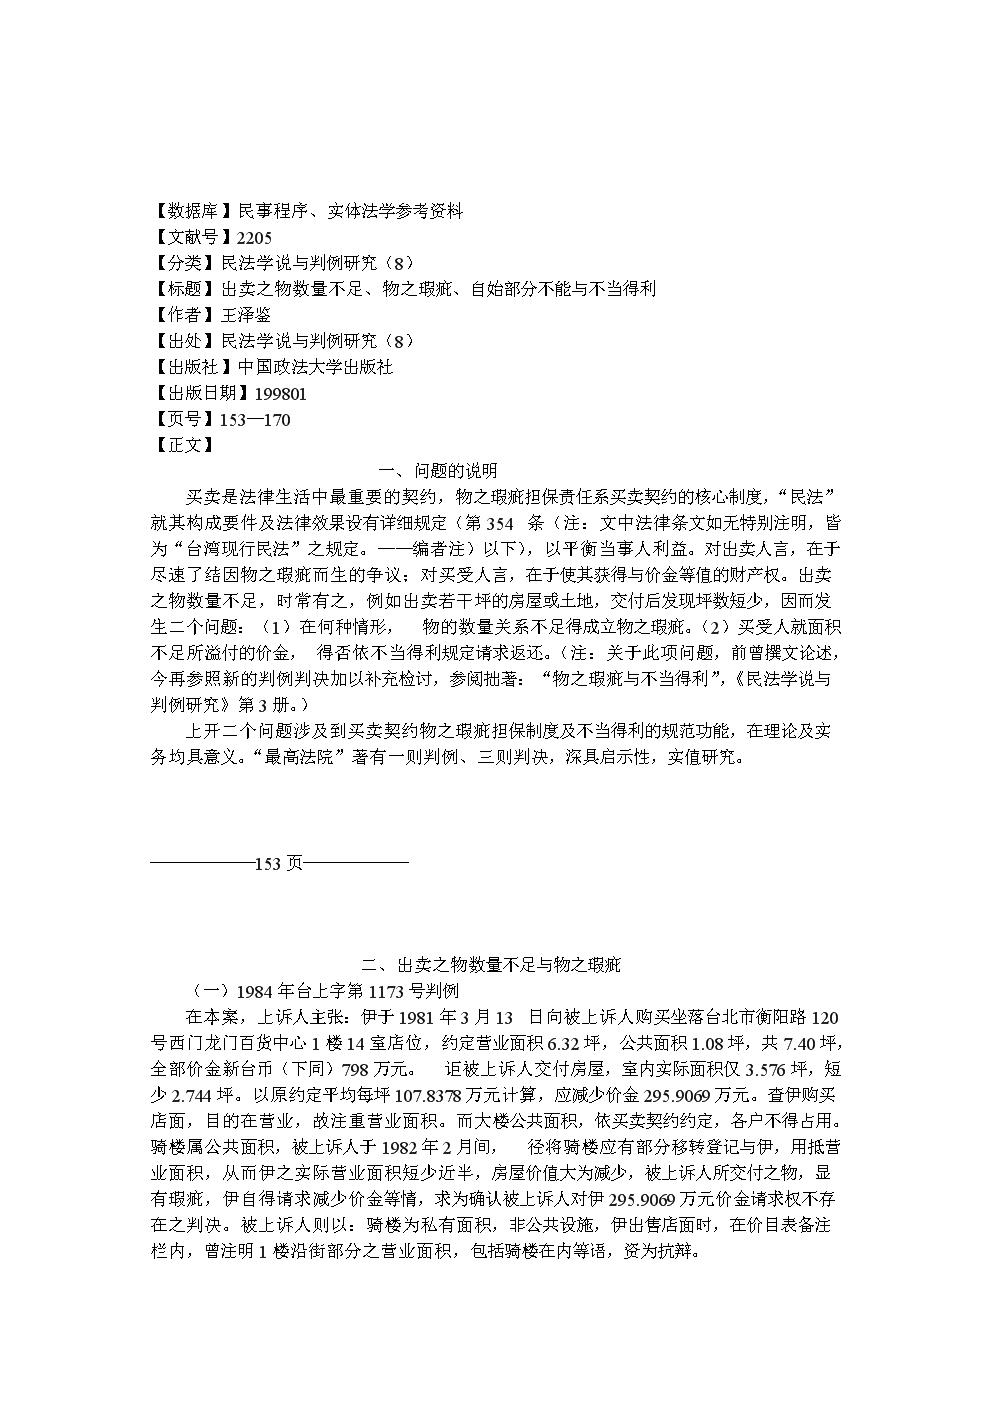 民法学说与判例研究 153-170 出卖之物.doc